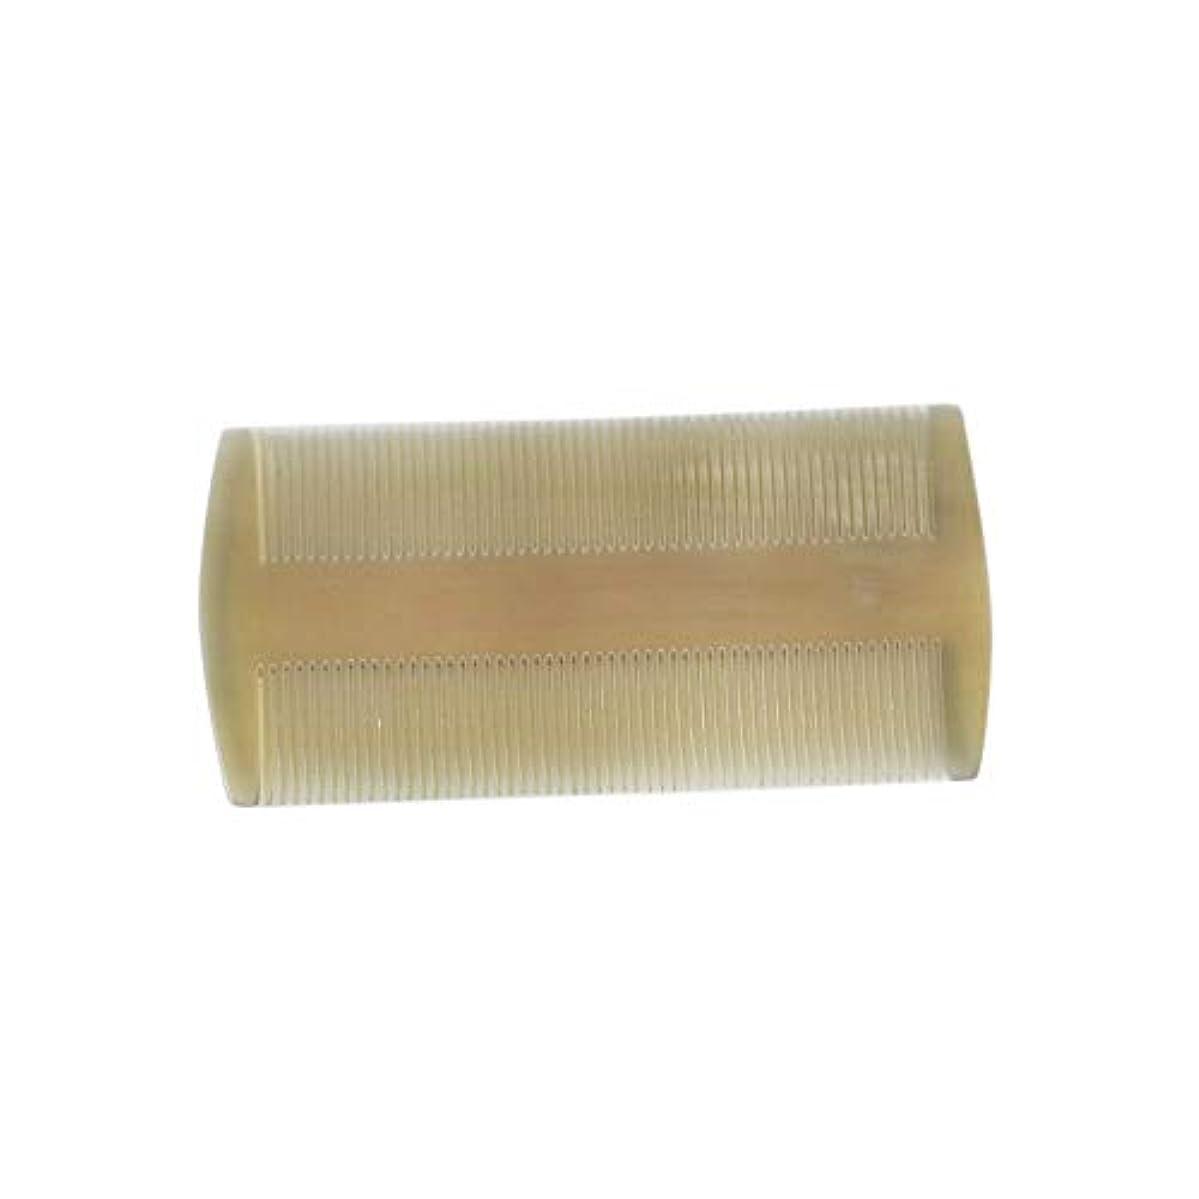 三十バター作動するFashianナチュラルバッファローホーンあごひげくし口ひげグルーミングくし帯電防止両面歯のポケットコーム ヘアケア